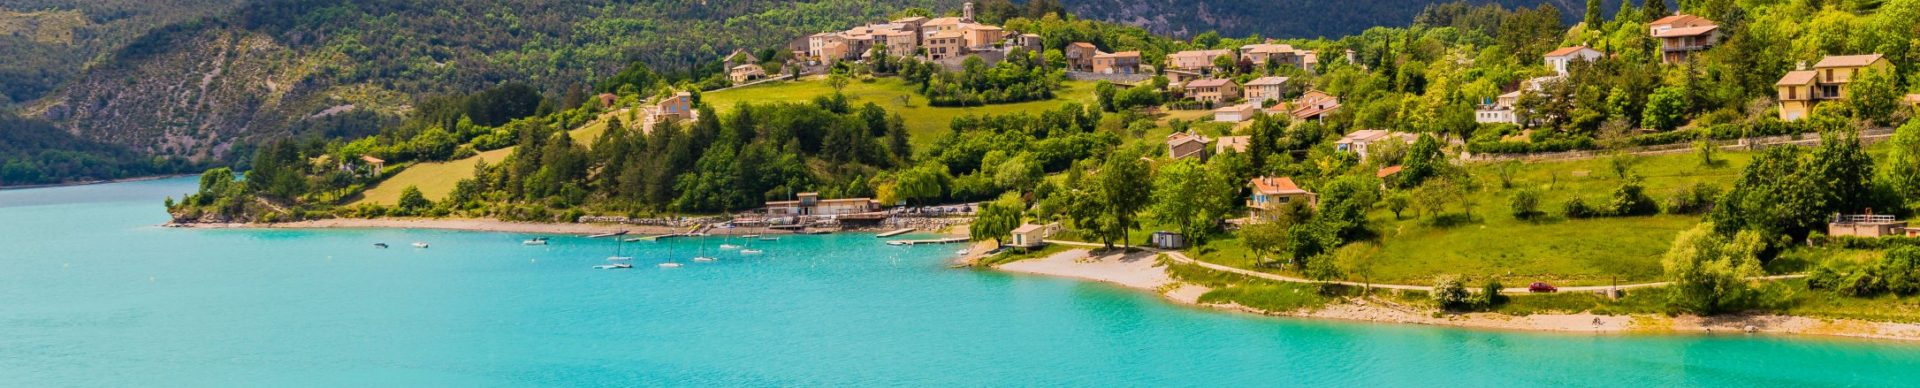 lac de Castillon dans le Verdon ©T. Verneuil